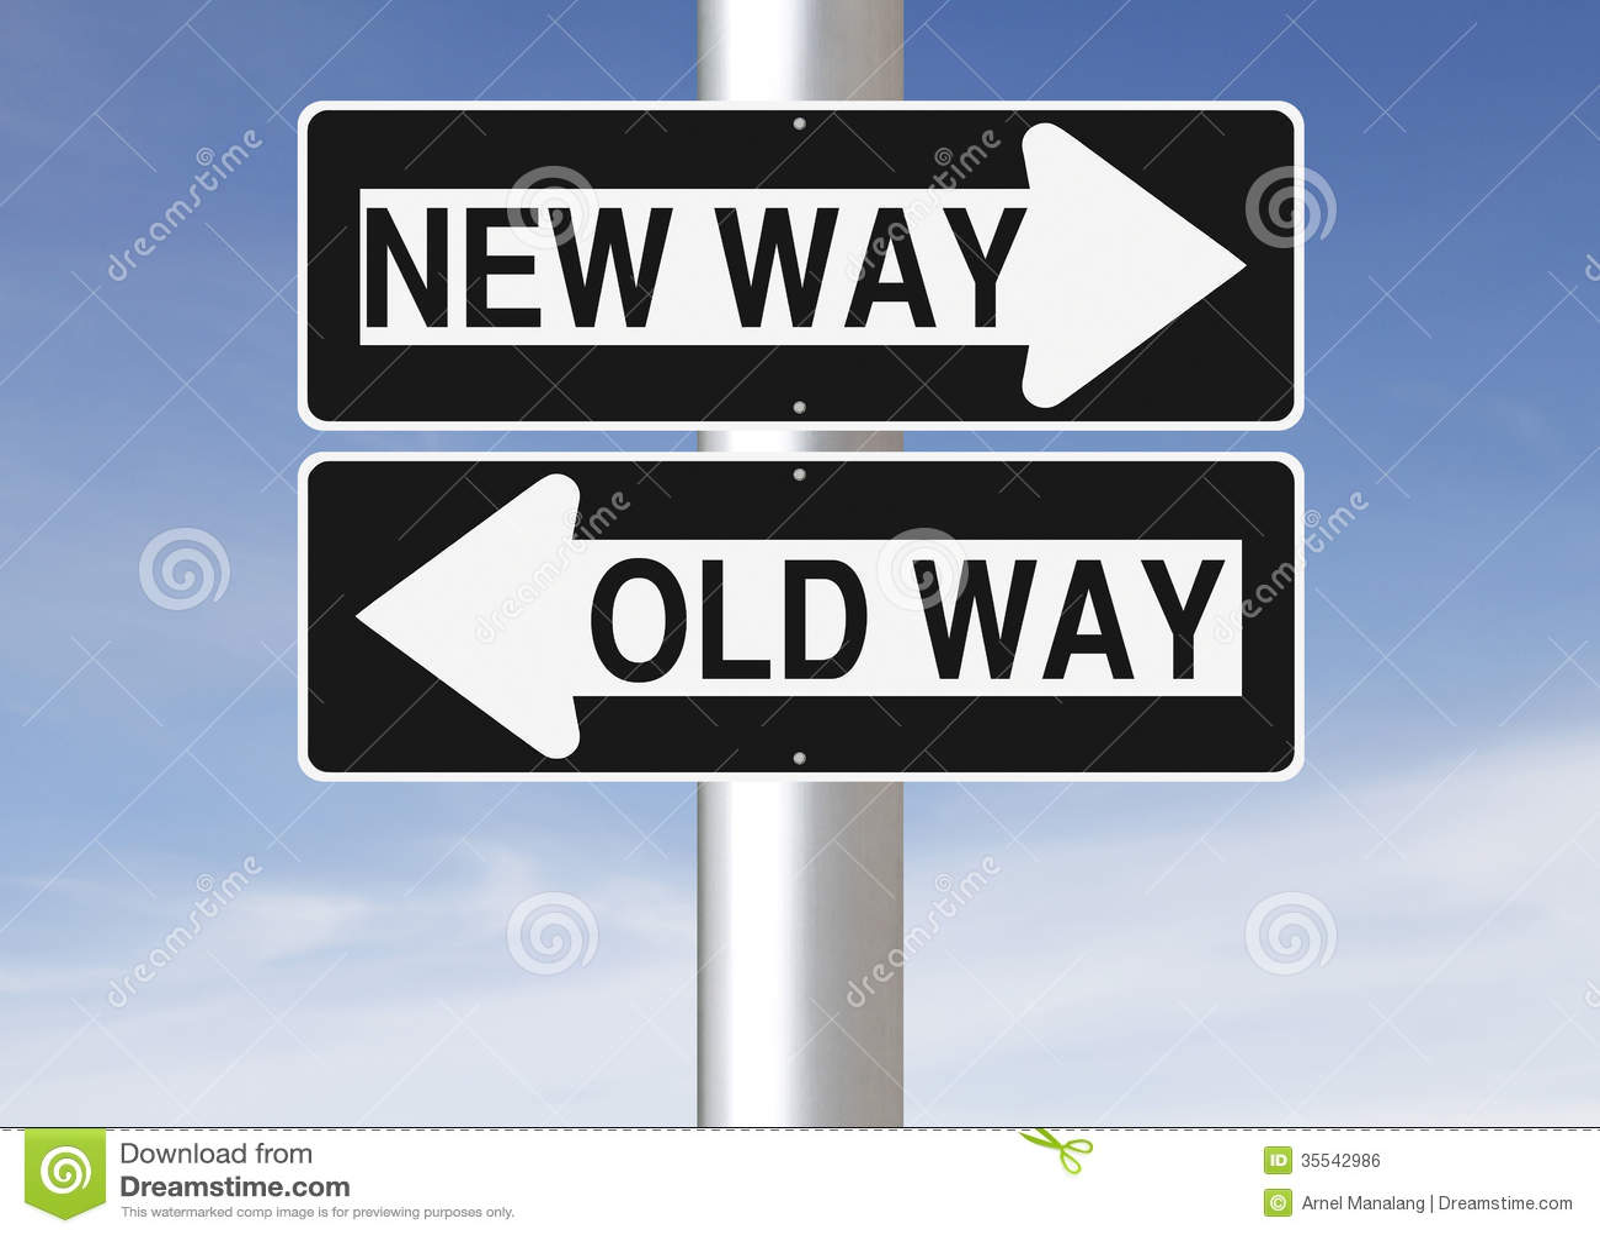 New Way Versus Old Way stock p...